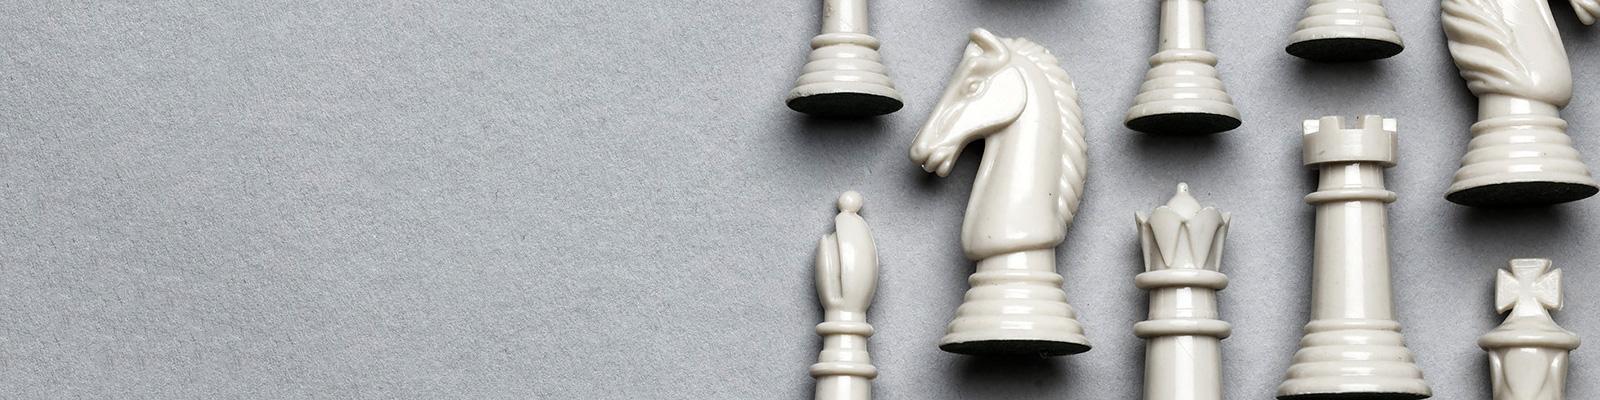 トロイの木馬 イメージ